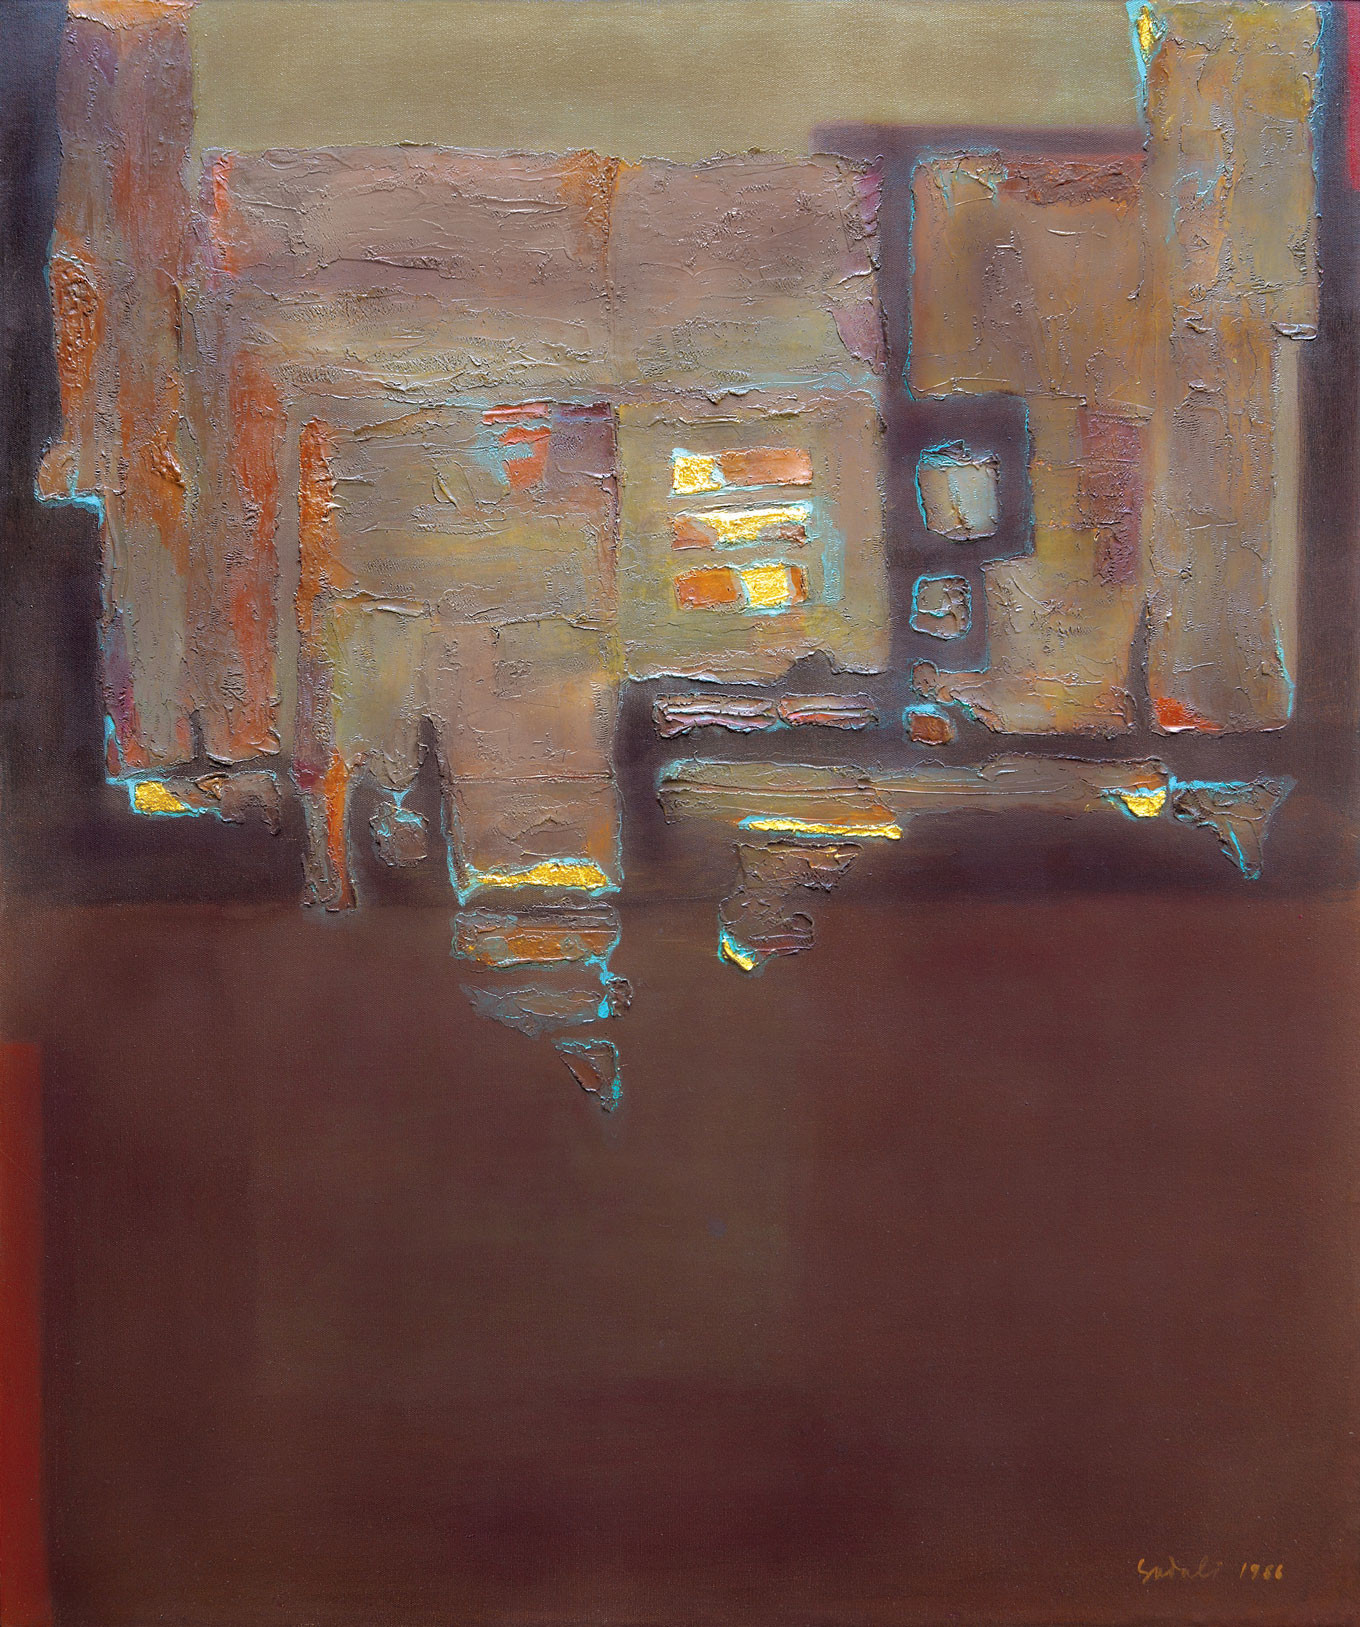 Lot 644 Bidang dengan Bongkah Emas by Ahmad Sadali Image